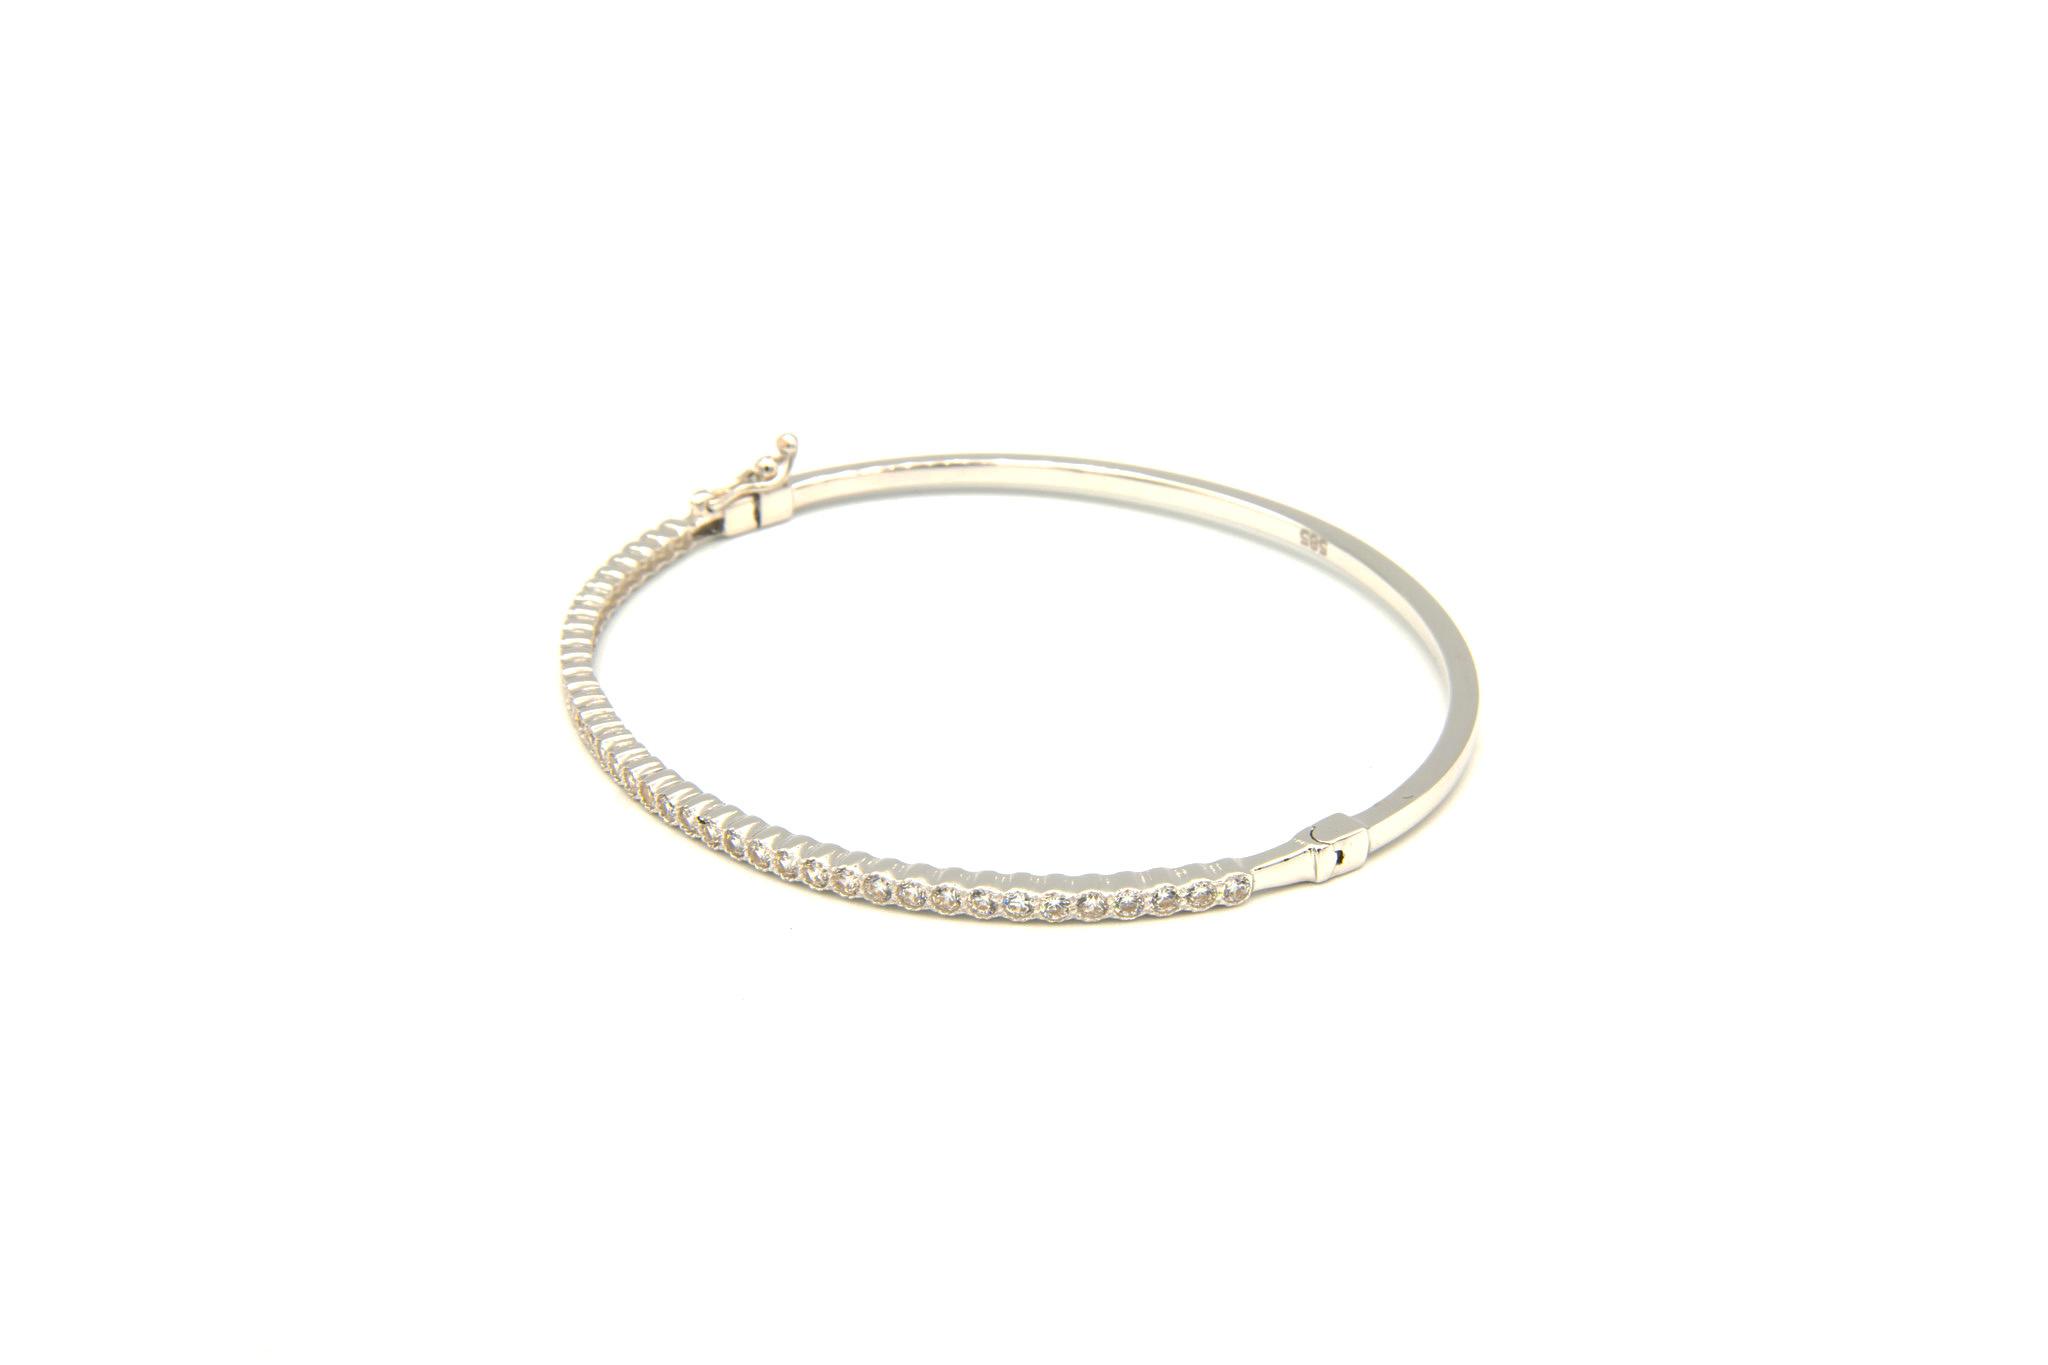 Armband slavenband met zirkonia's witgoud-3